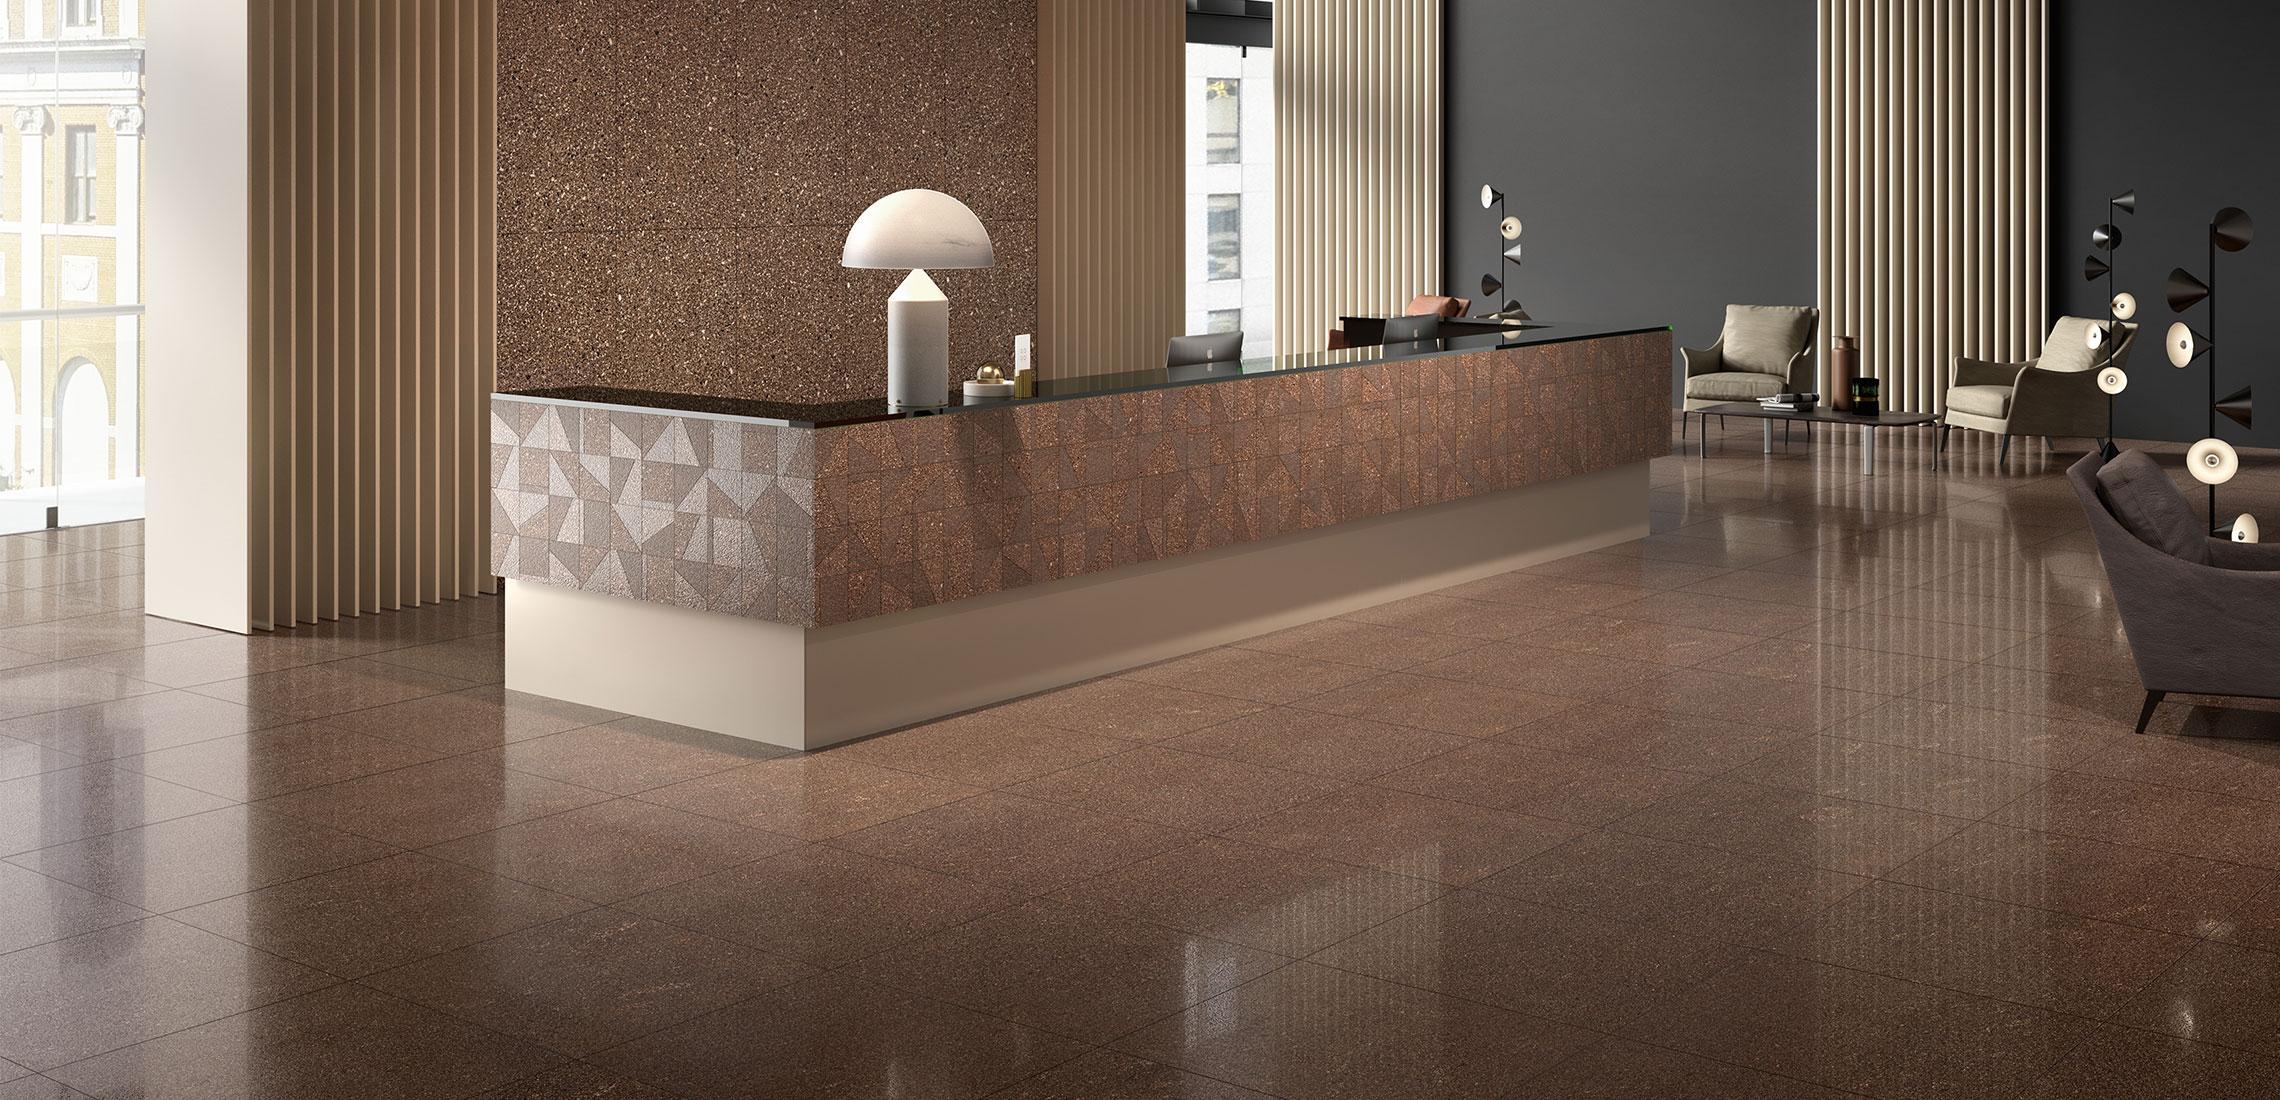 Ceramiche-Coem_Porfirica_Aglo-Brown-75x149,7-Nat_Brown-75x75-Luc_Brown-Mosaico-Mix_banner